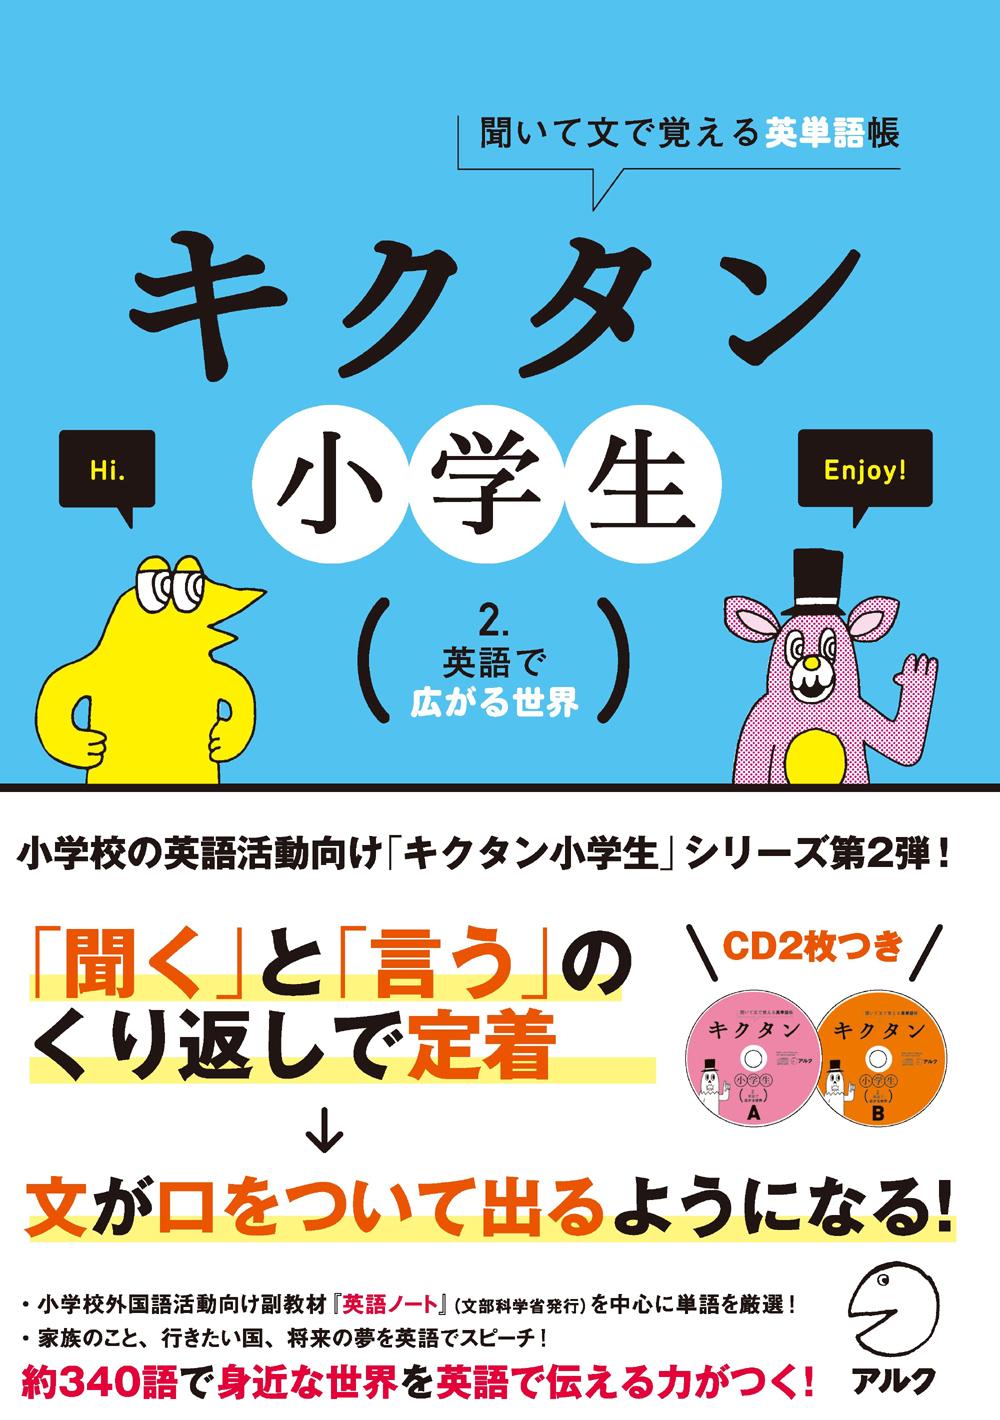 『キクタン小学生 2. 英語で広がる世界』発売。 小学校の英語活動に役立つ英単語を、チャンツのリズムにのって楽しく身に付ける!